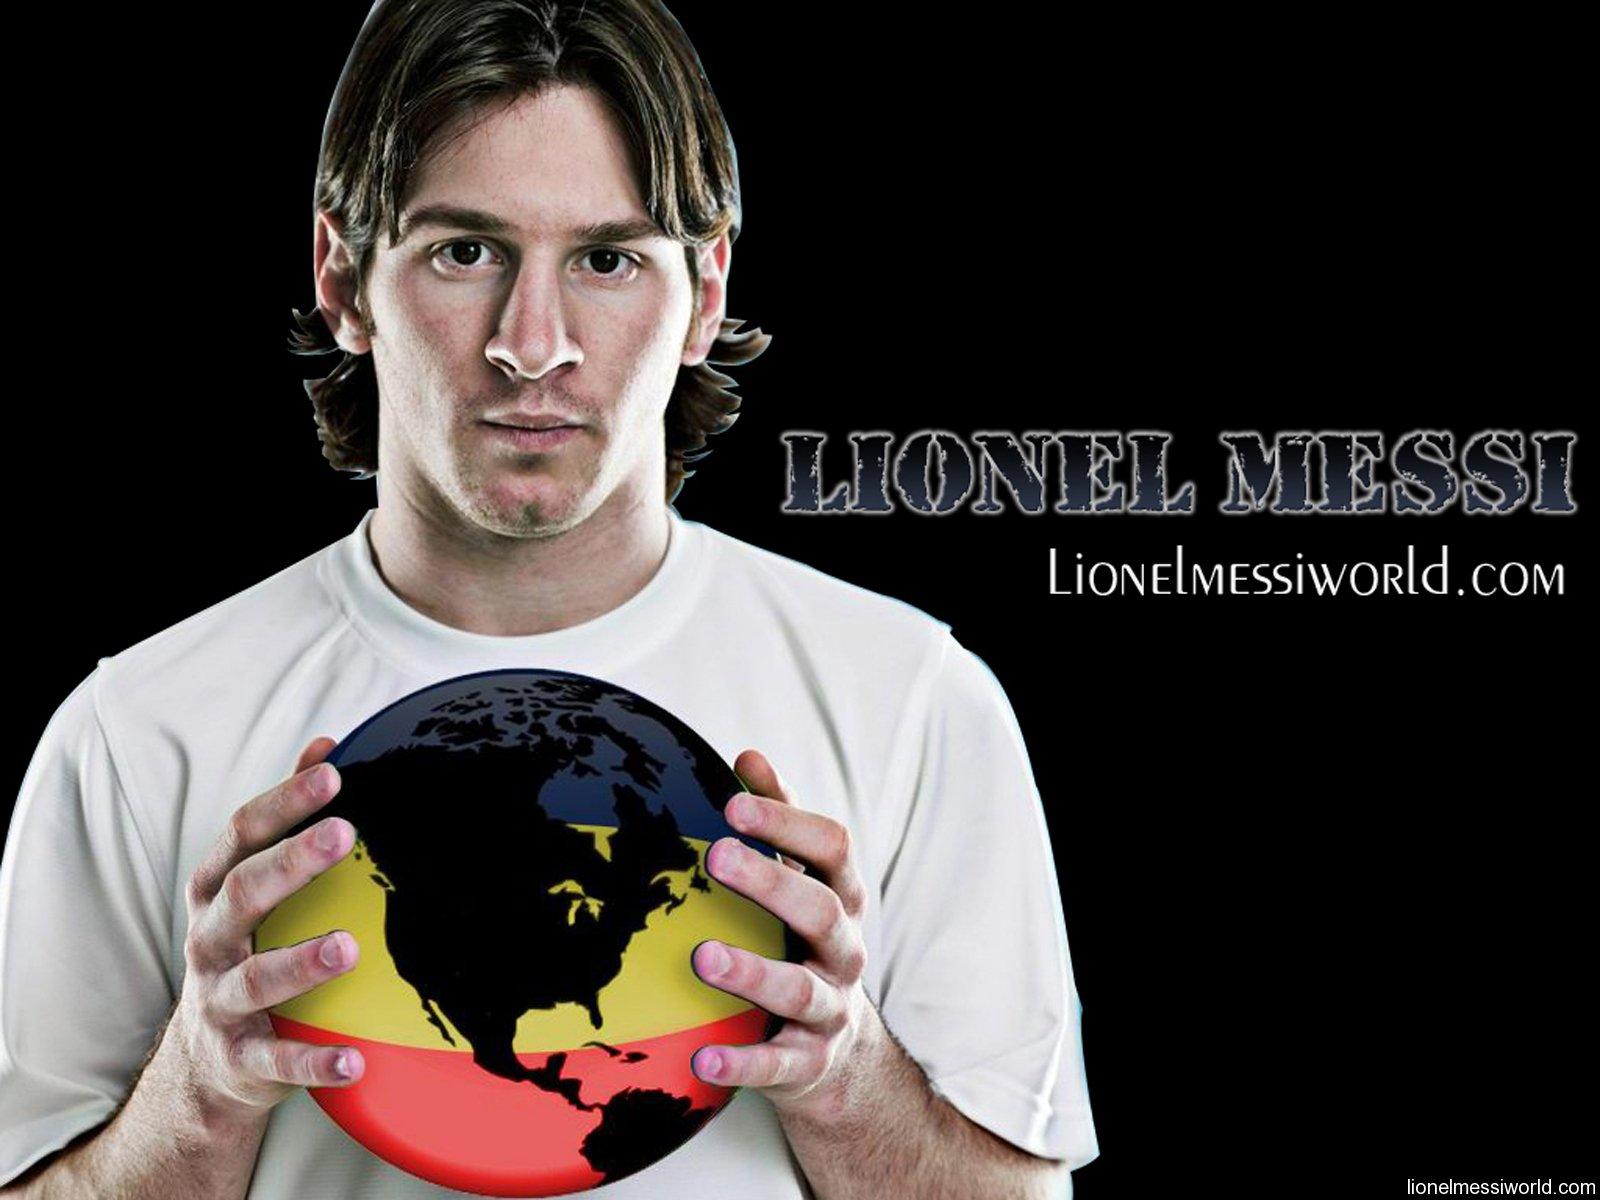 http://1.bp.blogspot.com/-U3WwISCtMwQ/TVeW-L0v40I/AAAAAAAAAAs/DBaeB7nKOJs/s1600/lionel-messi-wallpaper+gallery.jpg